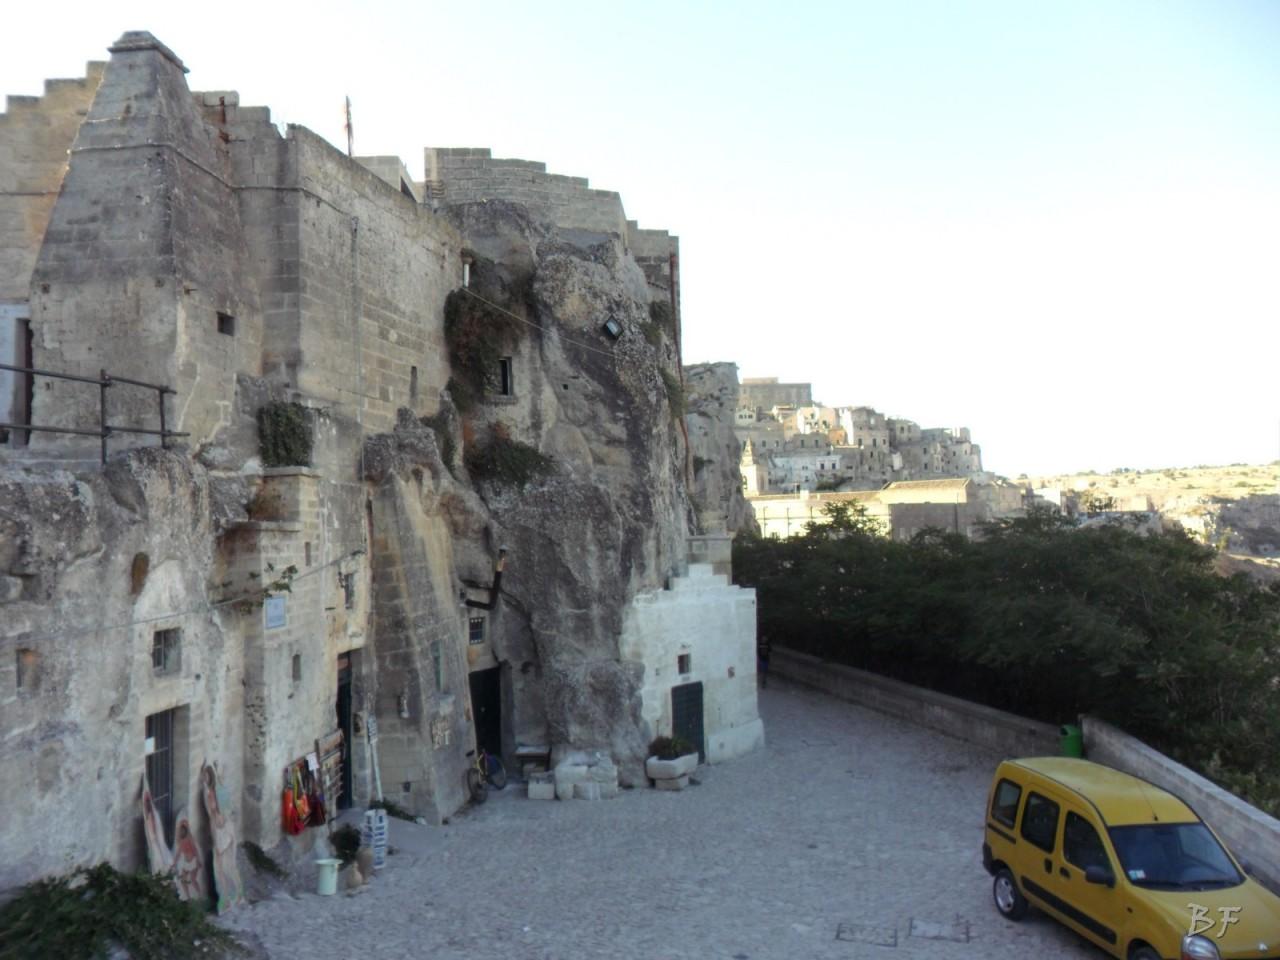 Sasso-Caveoso-Edifici-Rupestri-Megaliti-Sassi-di-Matera-basilicata-Italia-2